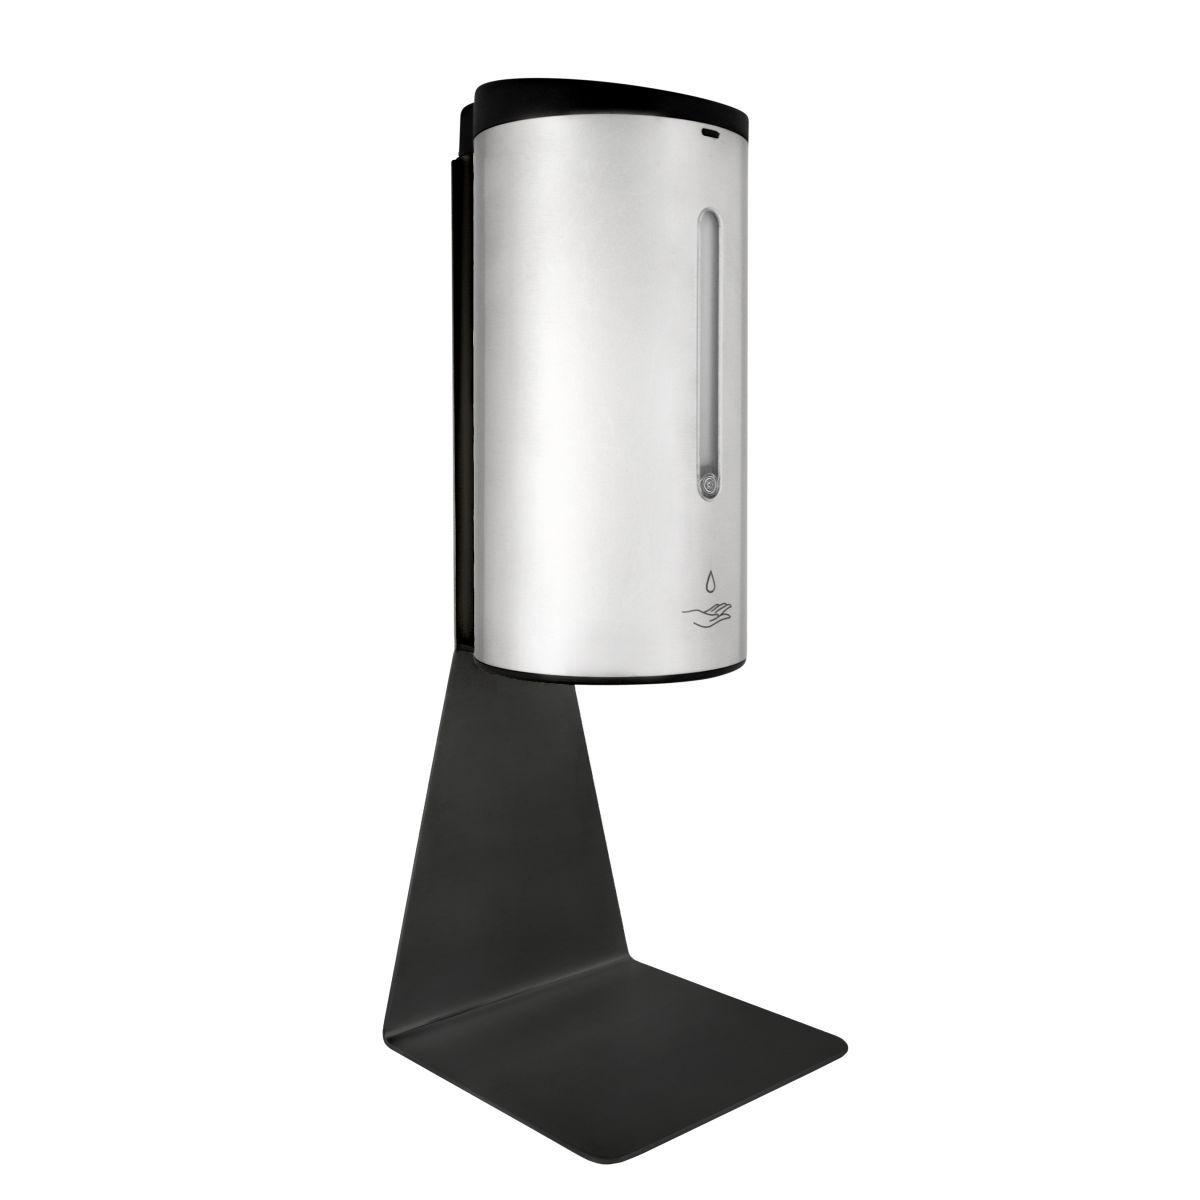 sensor dispenser in zwart